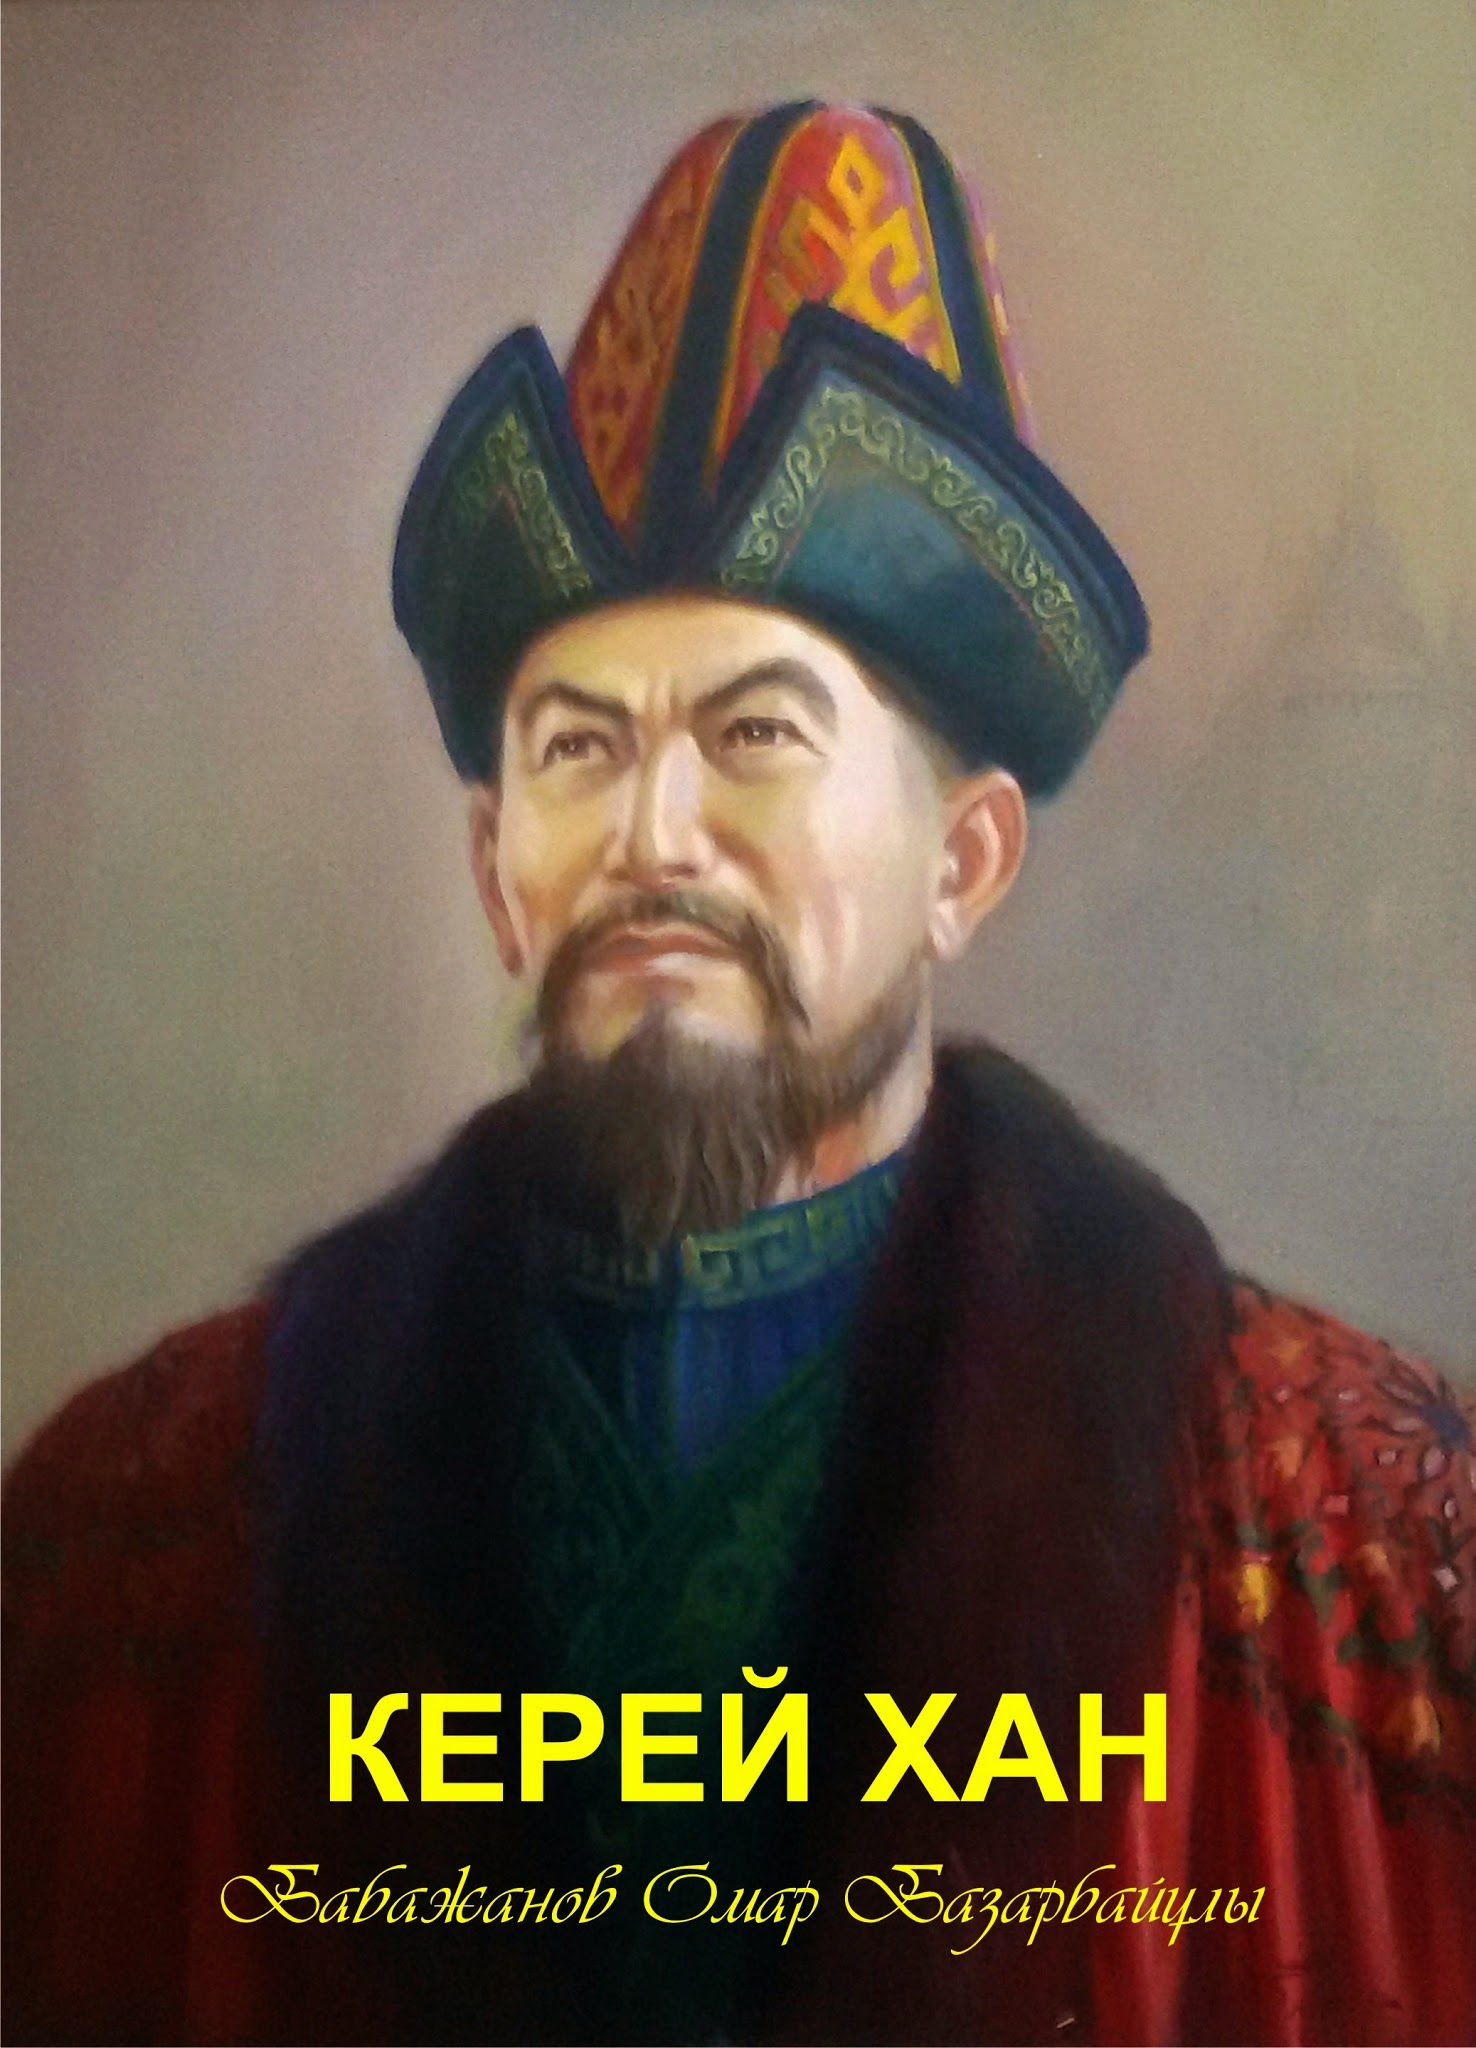 Керей хан